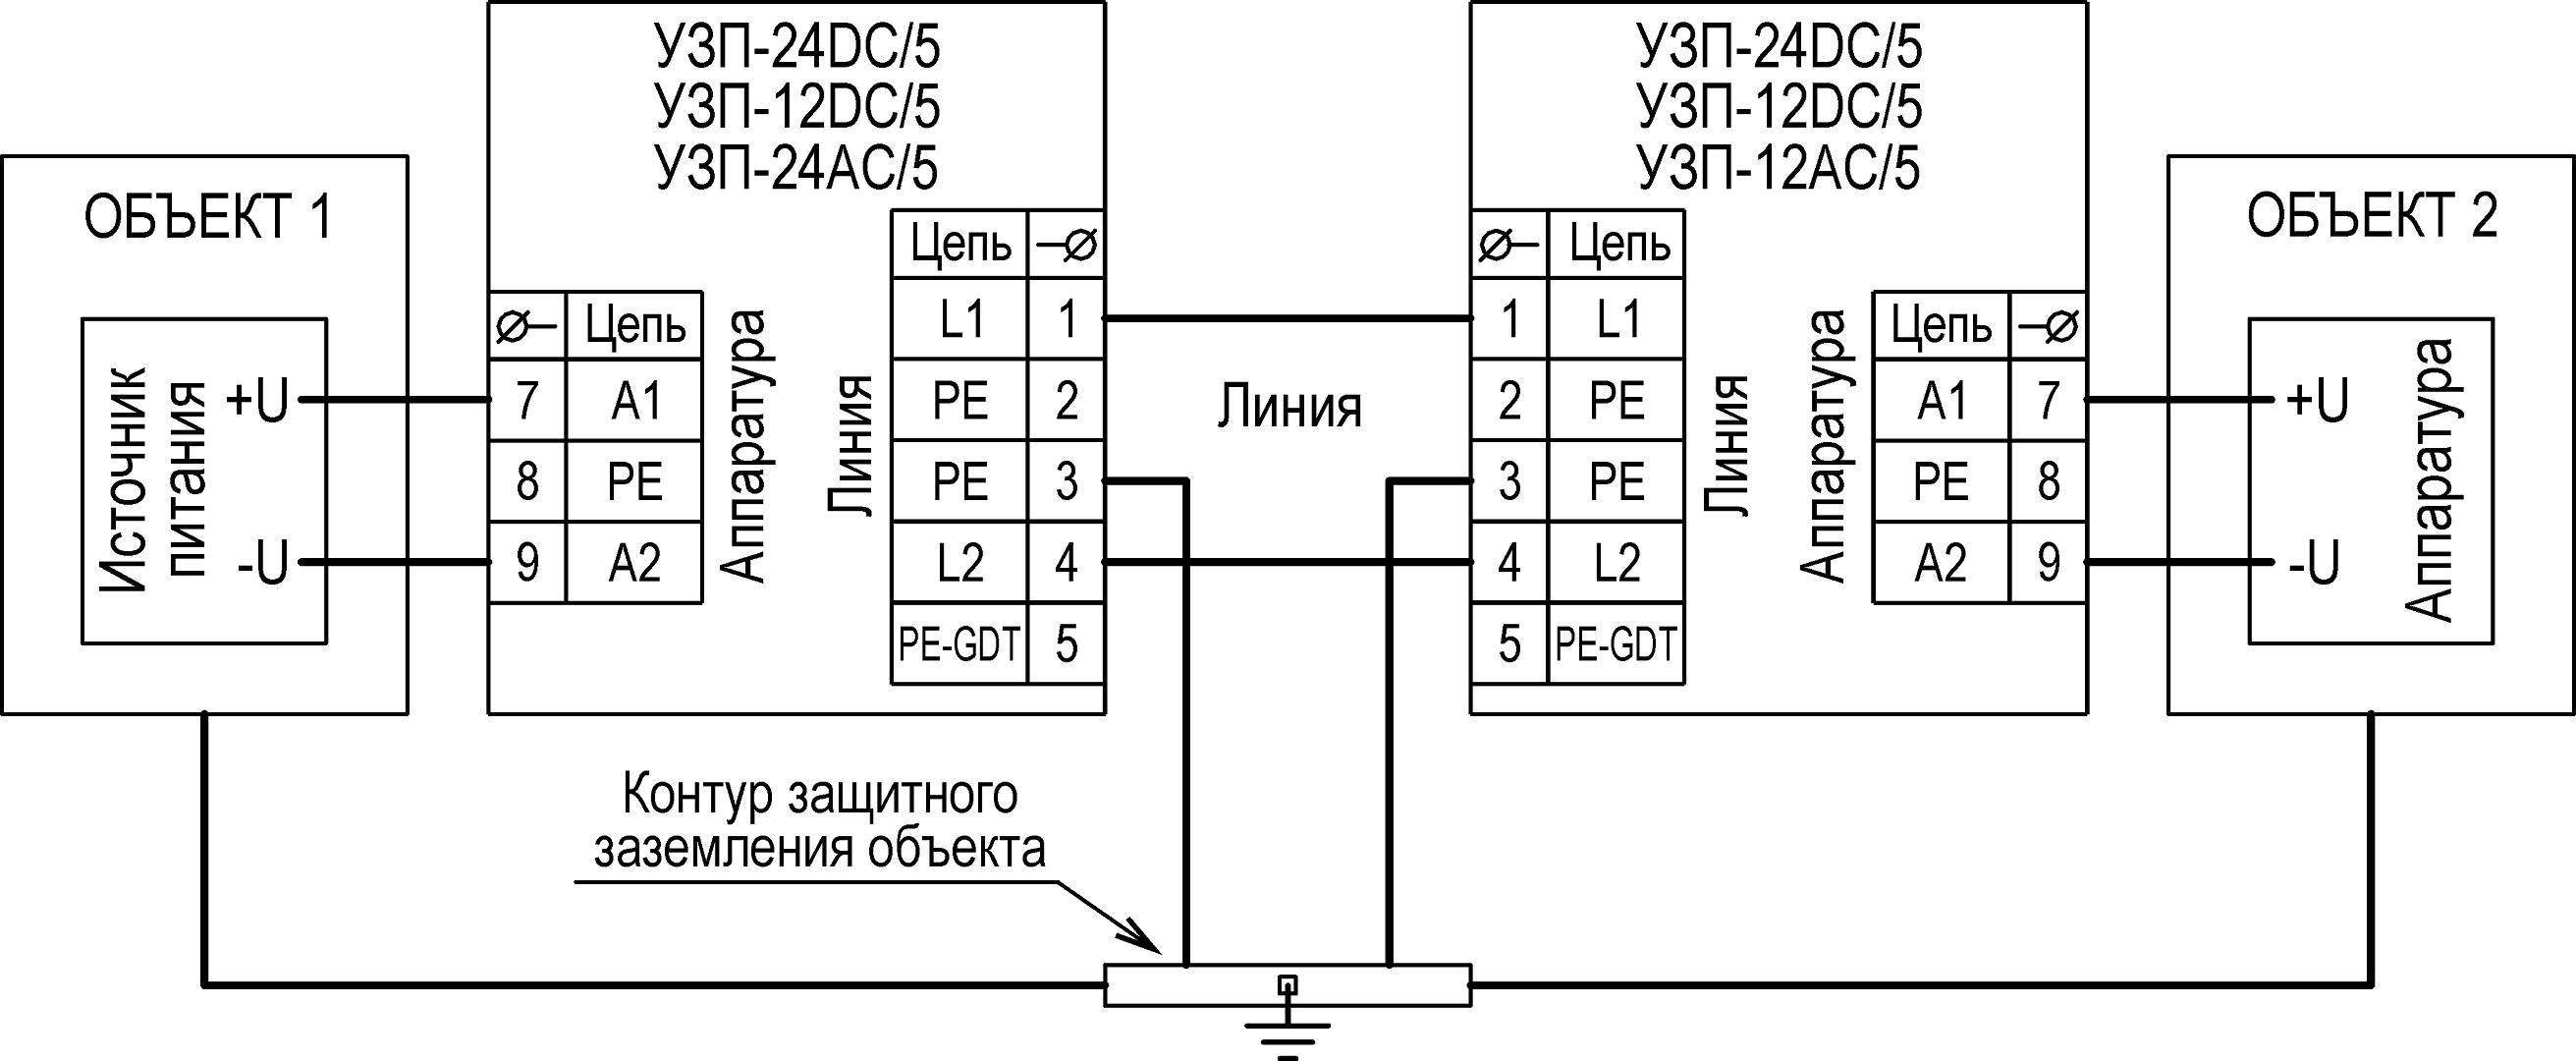 Устройство защиты цепей низковольтного электропитания <br>УЗП-24DC/5 23